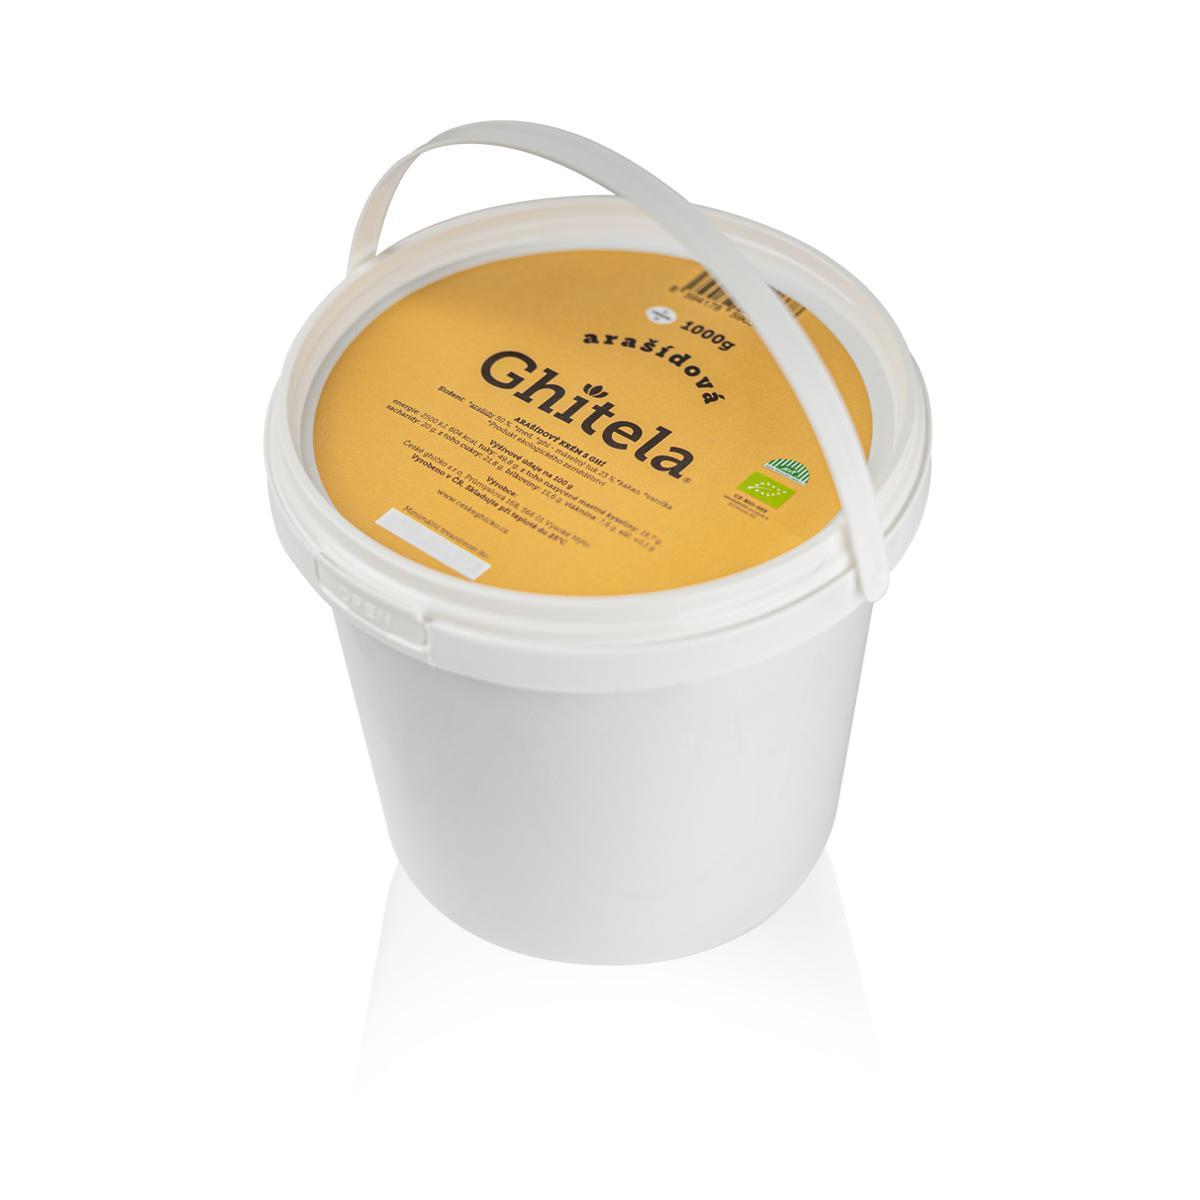 Ghitela® 1000g arašídová